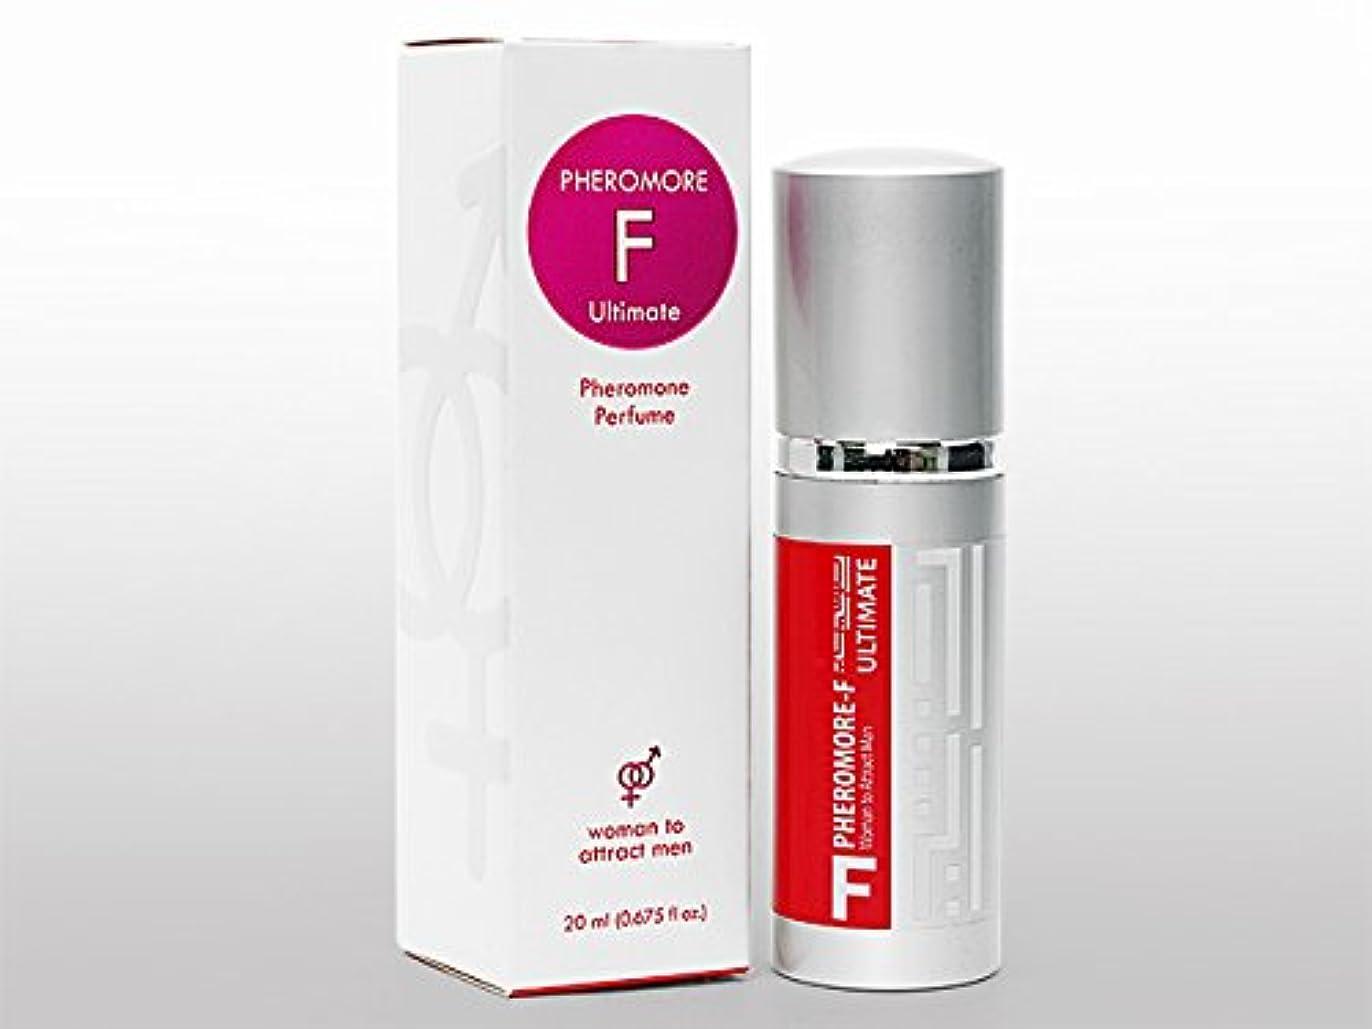 プロペラ本物の苦い「男性をその気にさせる成分」ブレメラノチドを配合 男性を惹きつけたい女性用フェロモン香水 フェロモアスプレーF 20ml